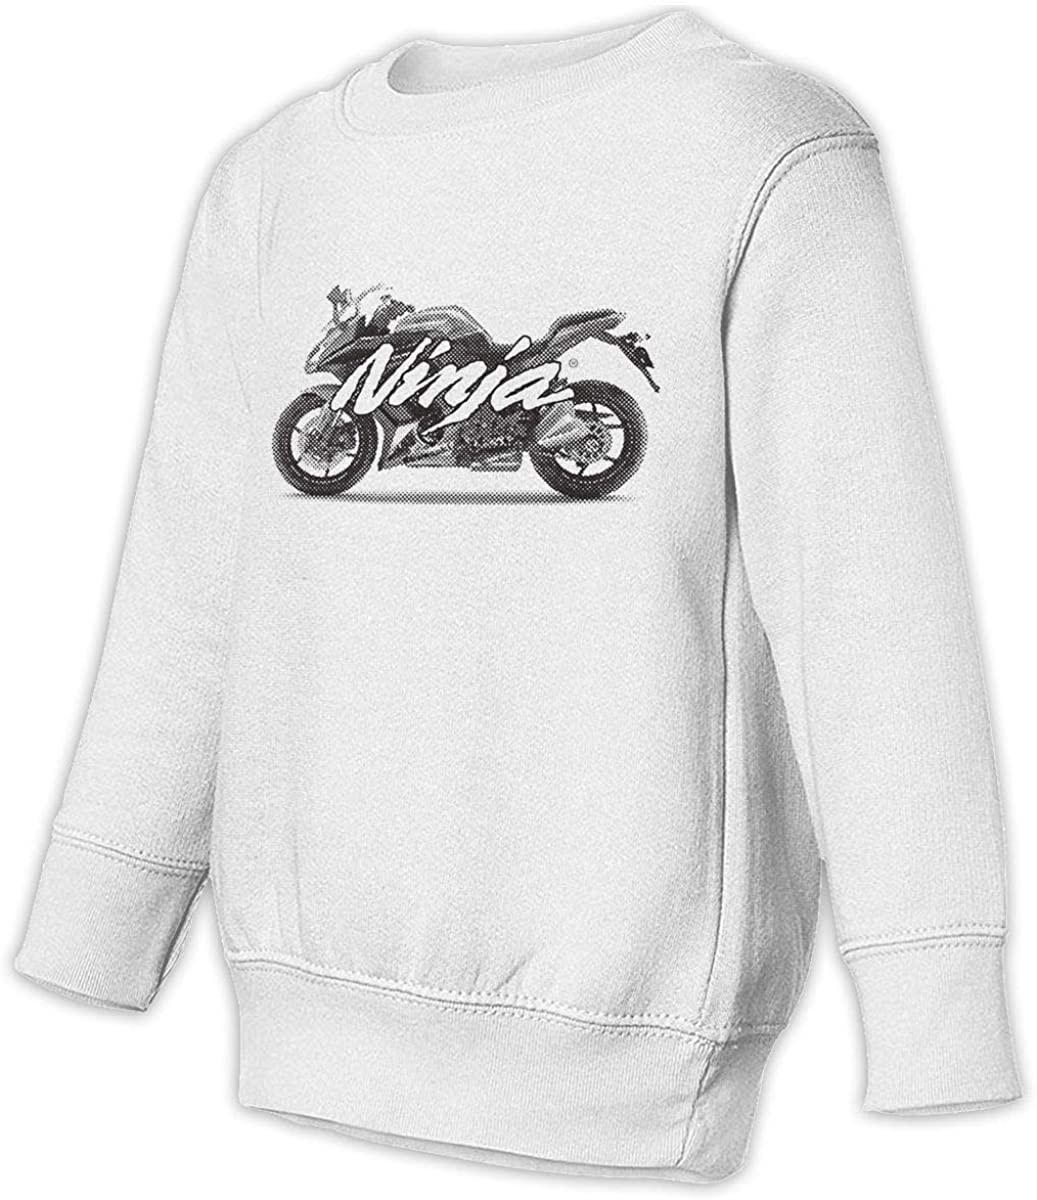 ASIUHAW Kawasaki Ninja Hidden Unisex Sweatshirt Youth Boy and Girls Pullover Sweatshirt